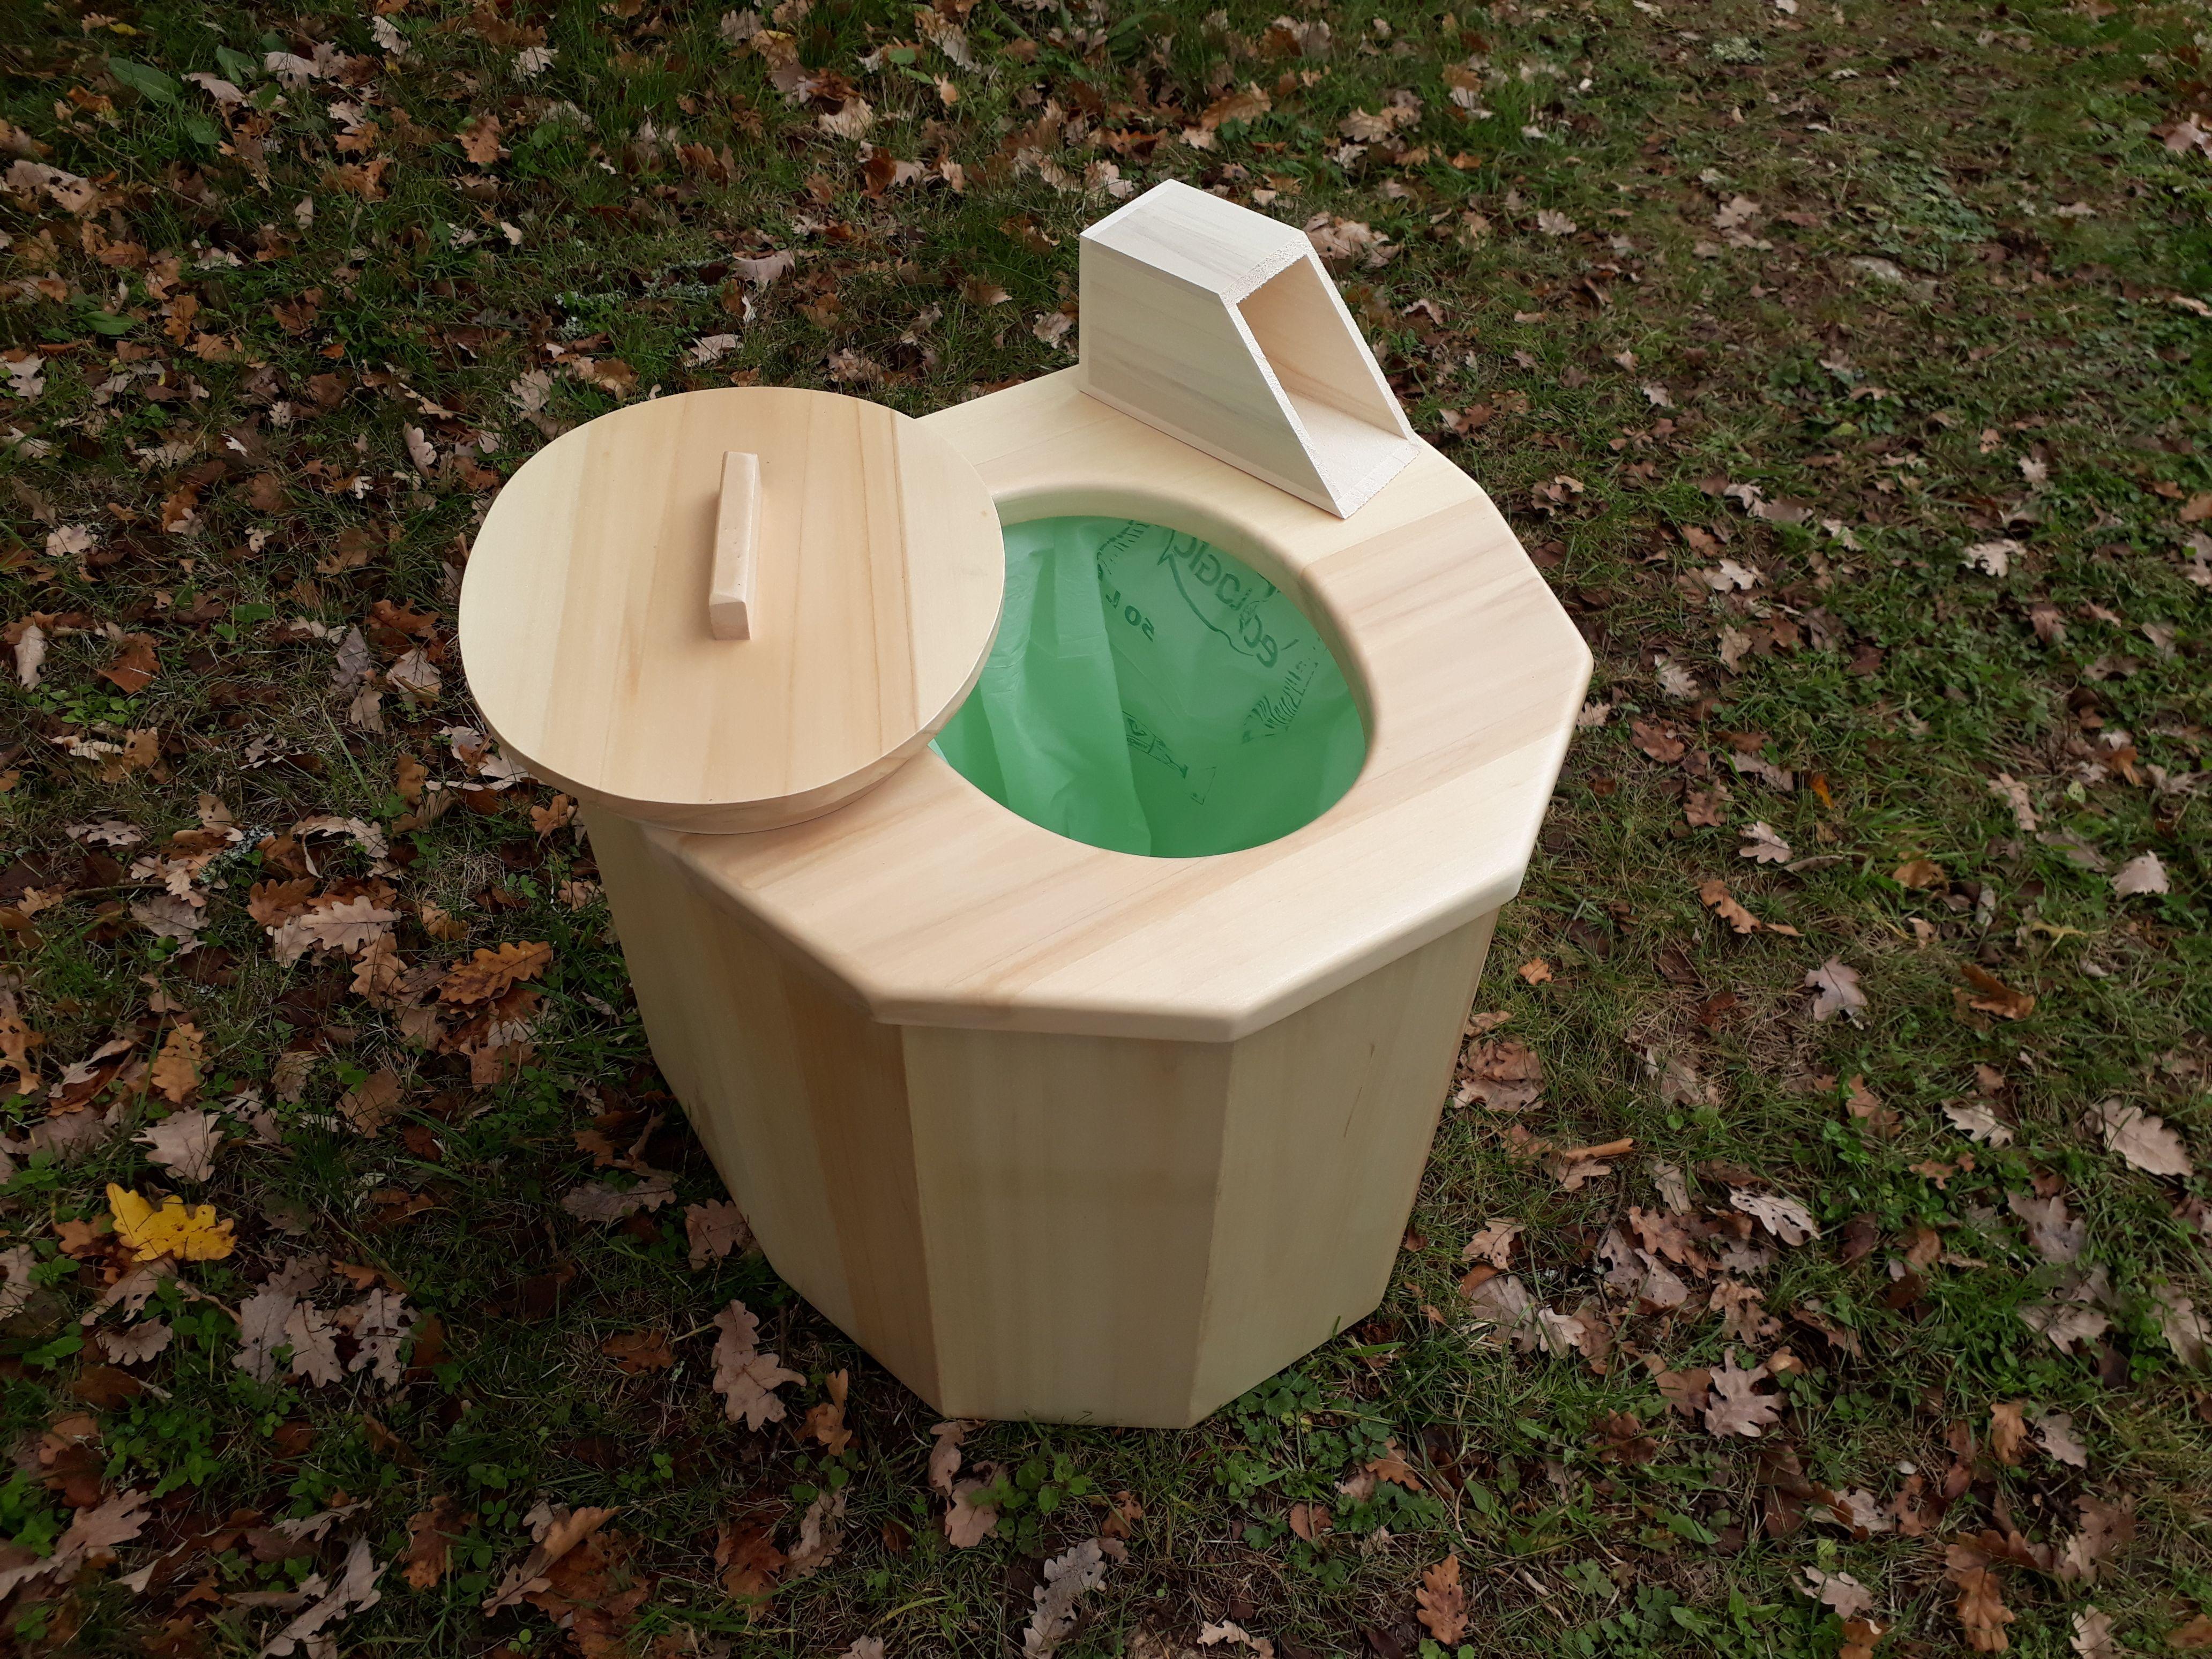 Toeletta mobile ~ Toilette sèche mobile en peuplier livrée avec sa pelle à sciure